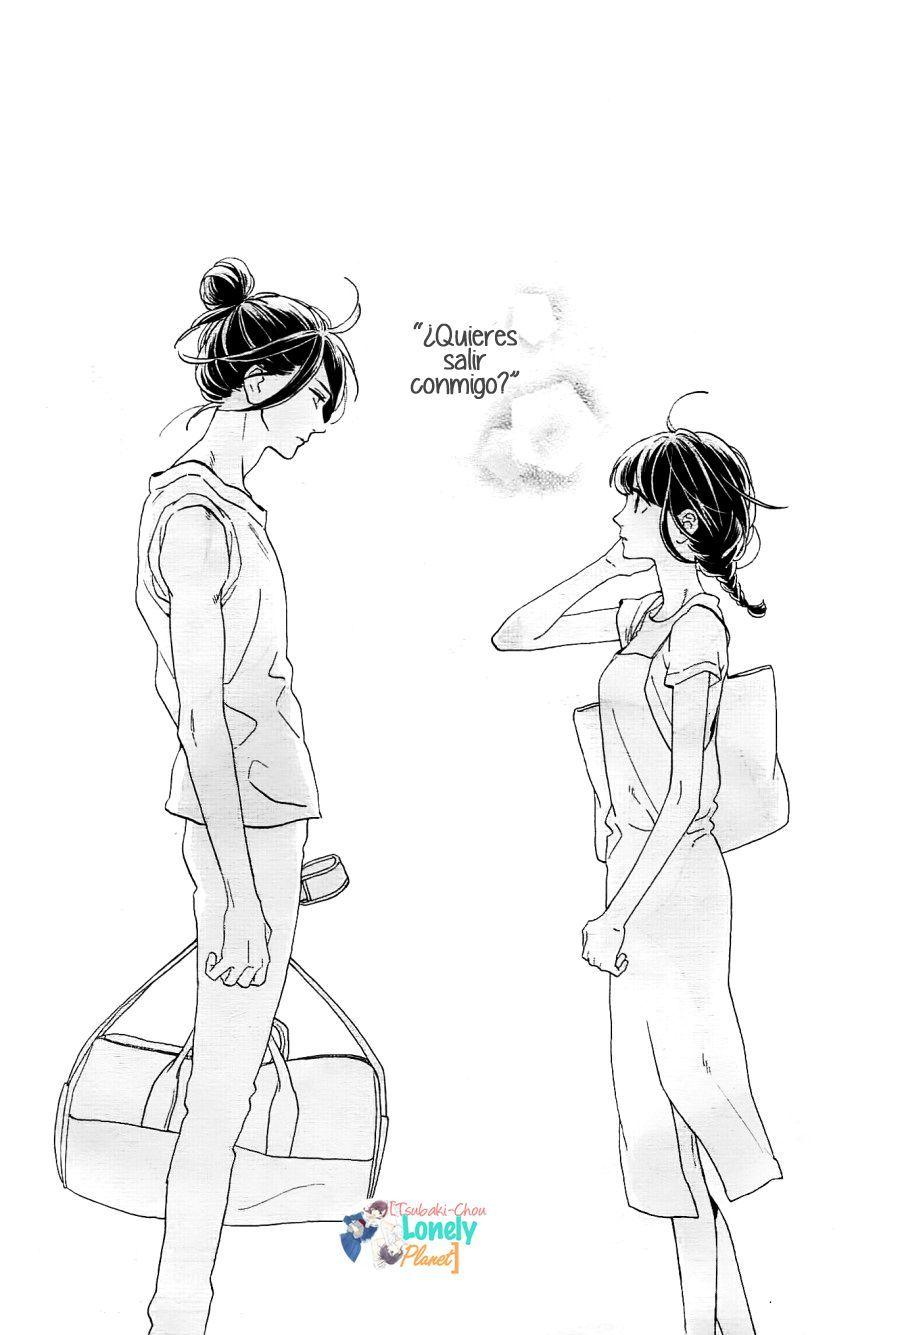 Tsubaki Chou Lonely Planet Capítulo 31 página 1 (Cargar imágenes: 10) - Leer Manga en Español gratis en NineManga.com